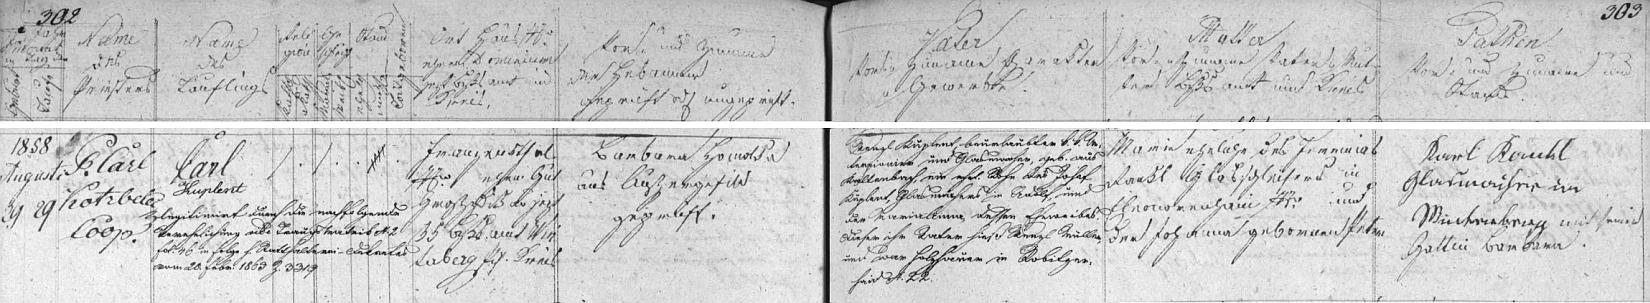 Záznam kvildské křestní matriky o narození jeho otce ve Františkově s dodatečným přípisem o legitimizaci tohoto nemanželského syna Marie (1832-1913), dcery lenorského brusiče skla Jeremiase Rankla a a Johanny, roz. Peterové, jejím sňatkem s Wenzlem Kuplentem (1834-1905) o více než čtyři roky později